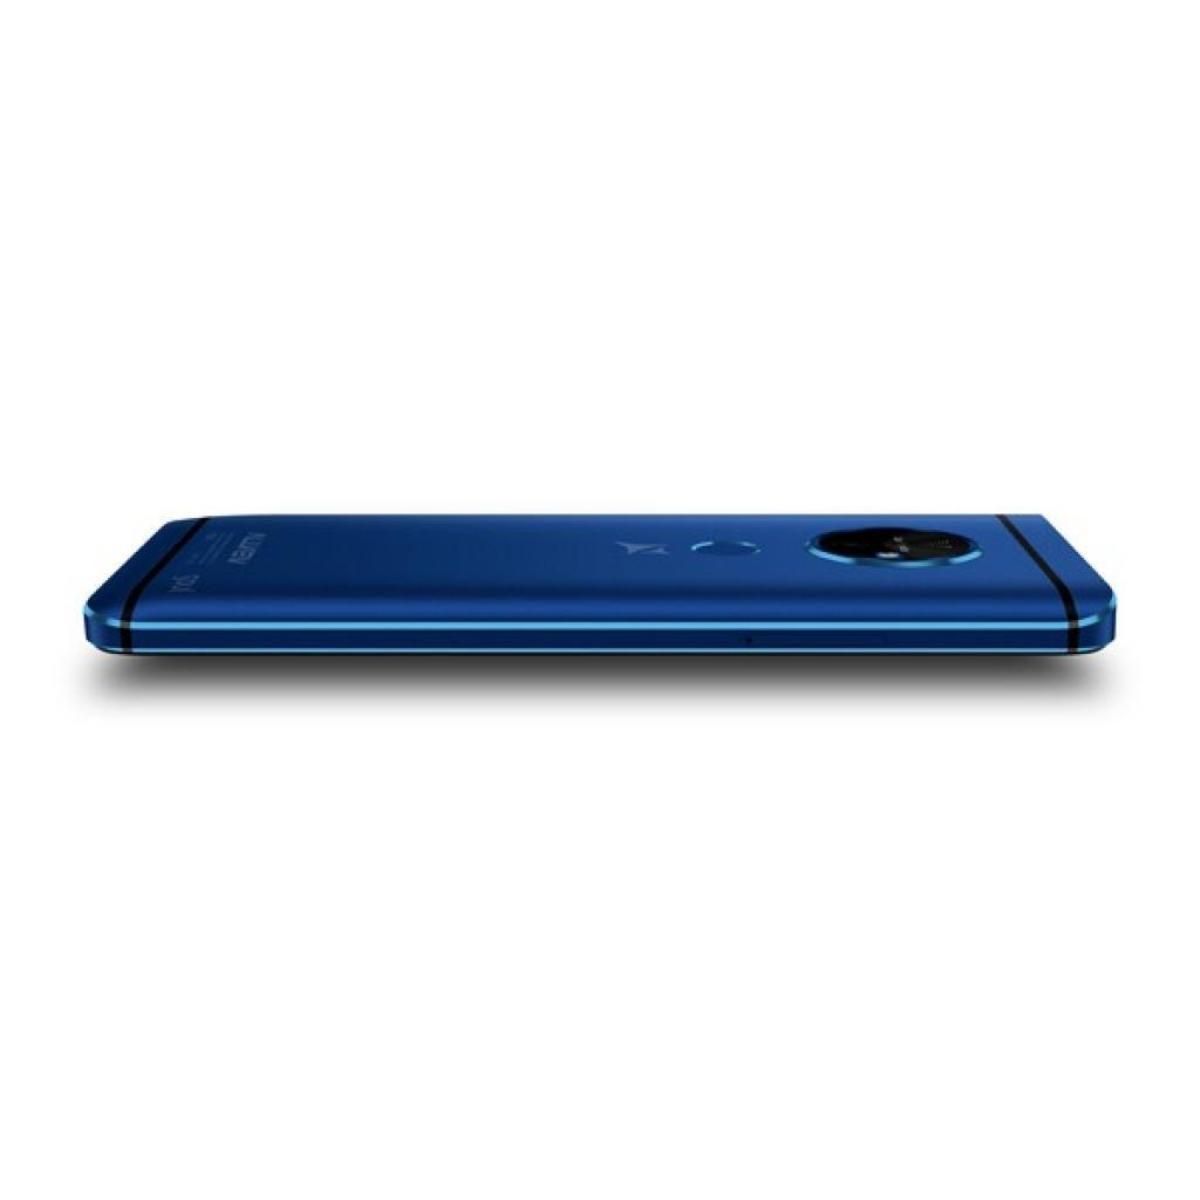 Bild 4 von Allview X4 Soul Vision Smartphone